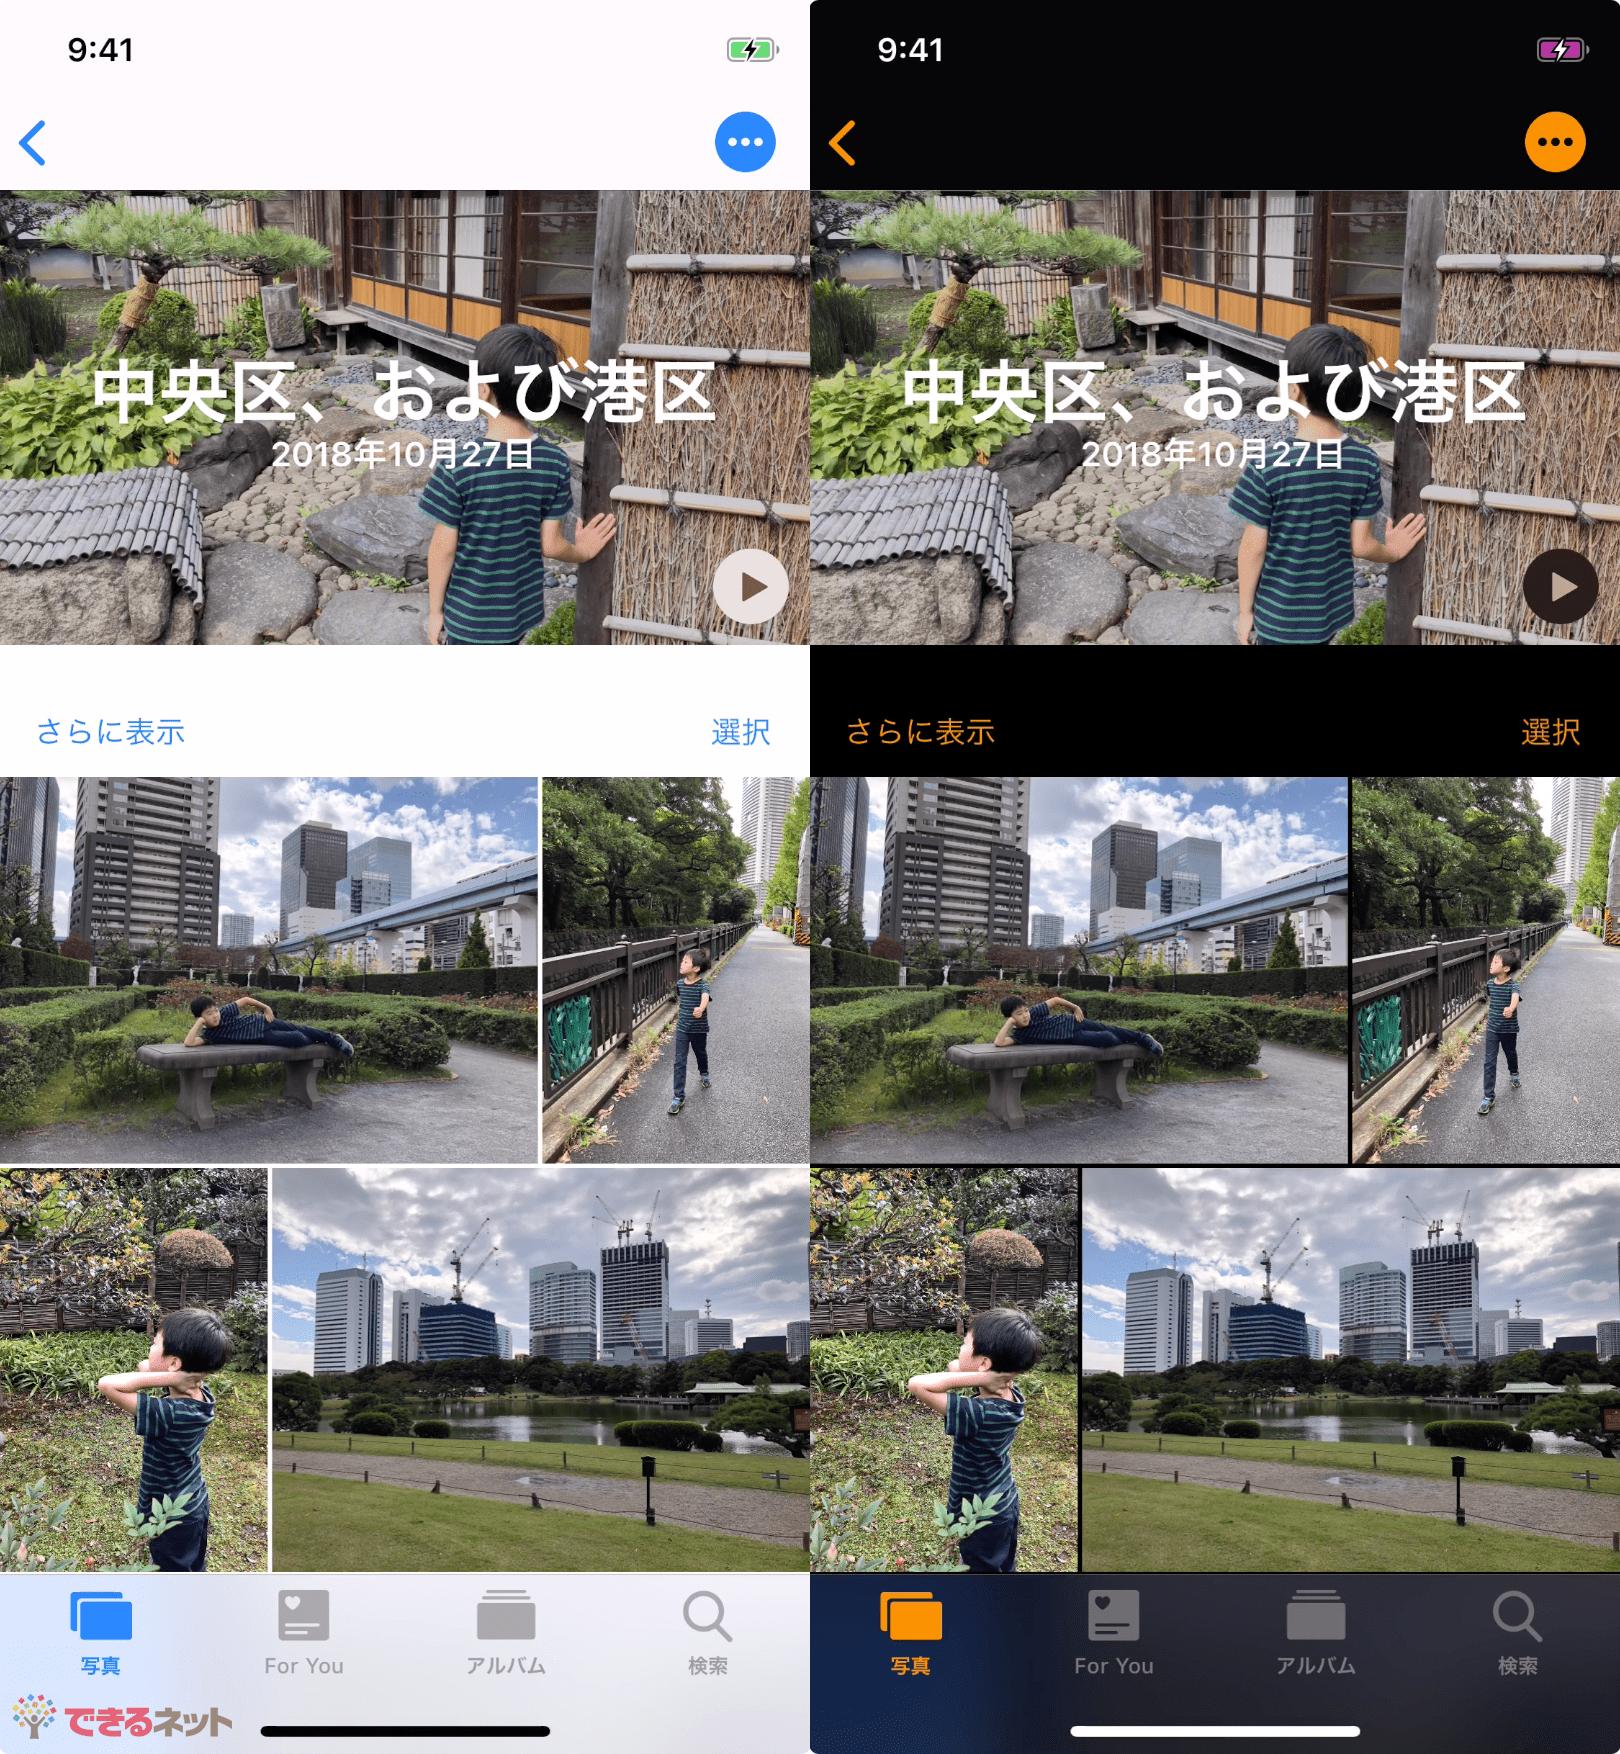 iPhoneを「ダークモード」に一瞬で切り替える方法。アクセシビリティのショートカットを活用する